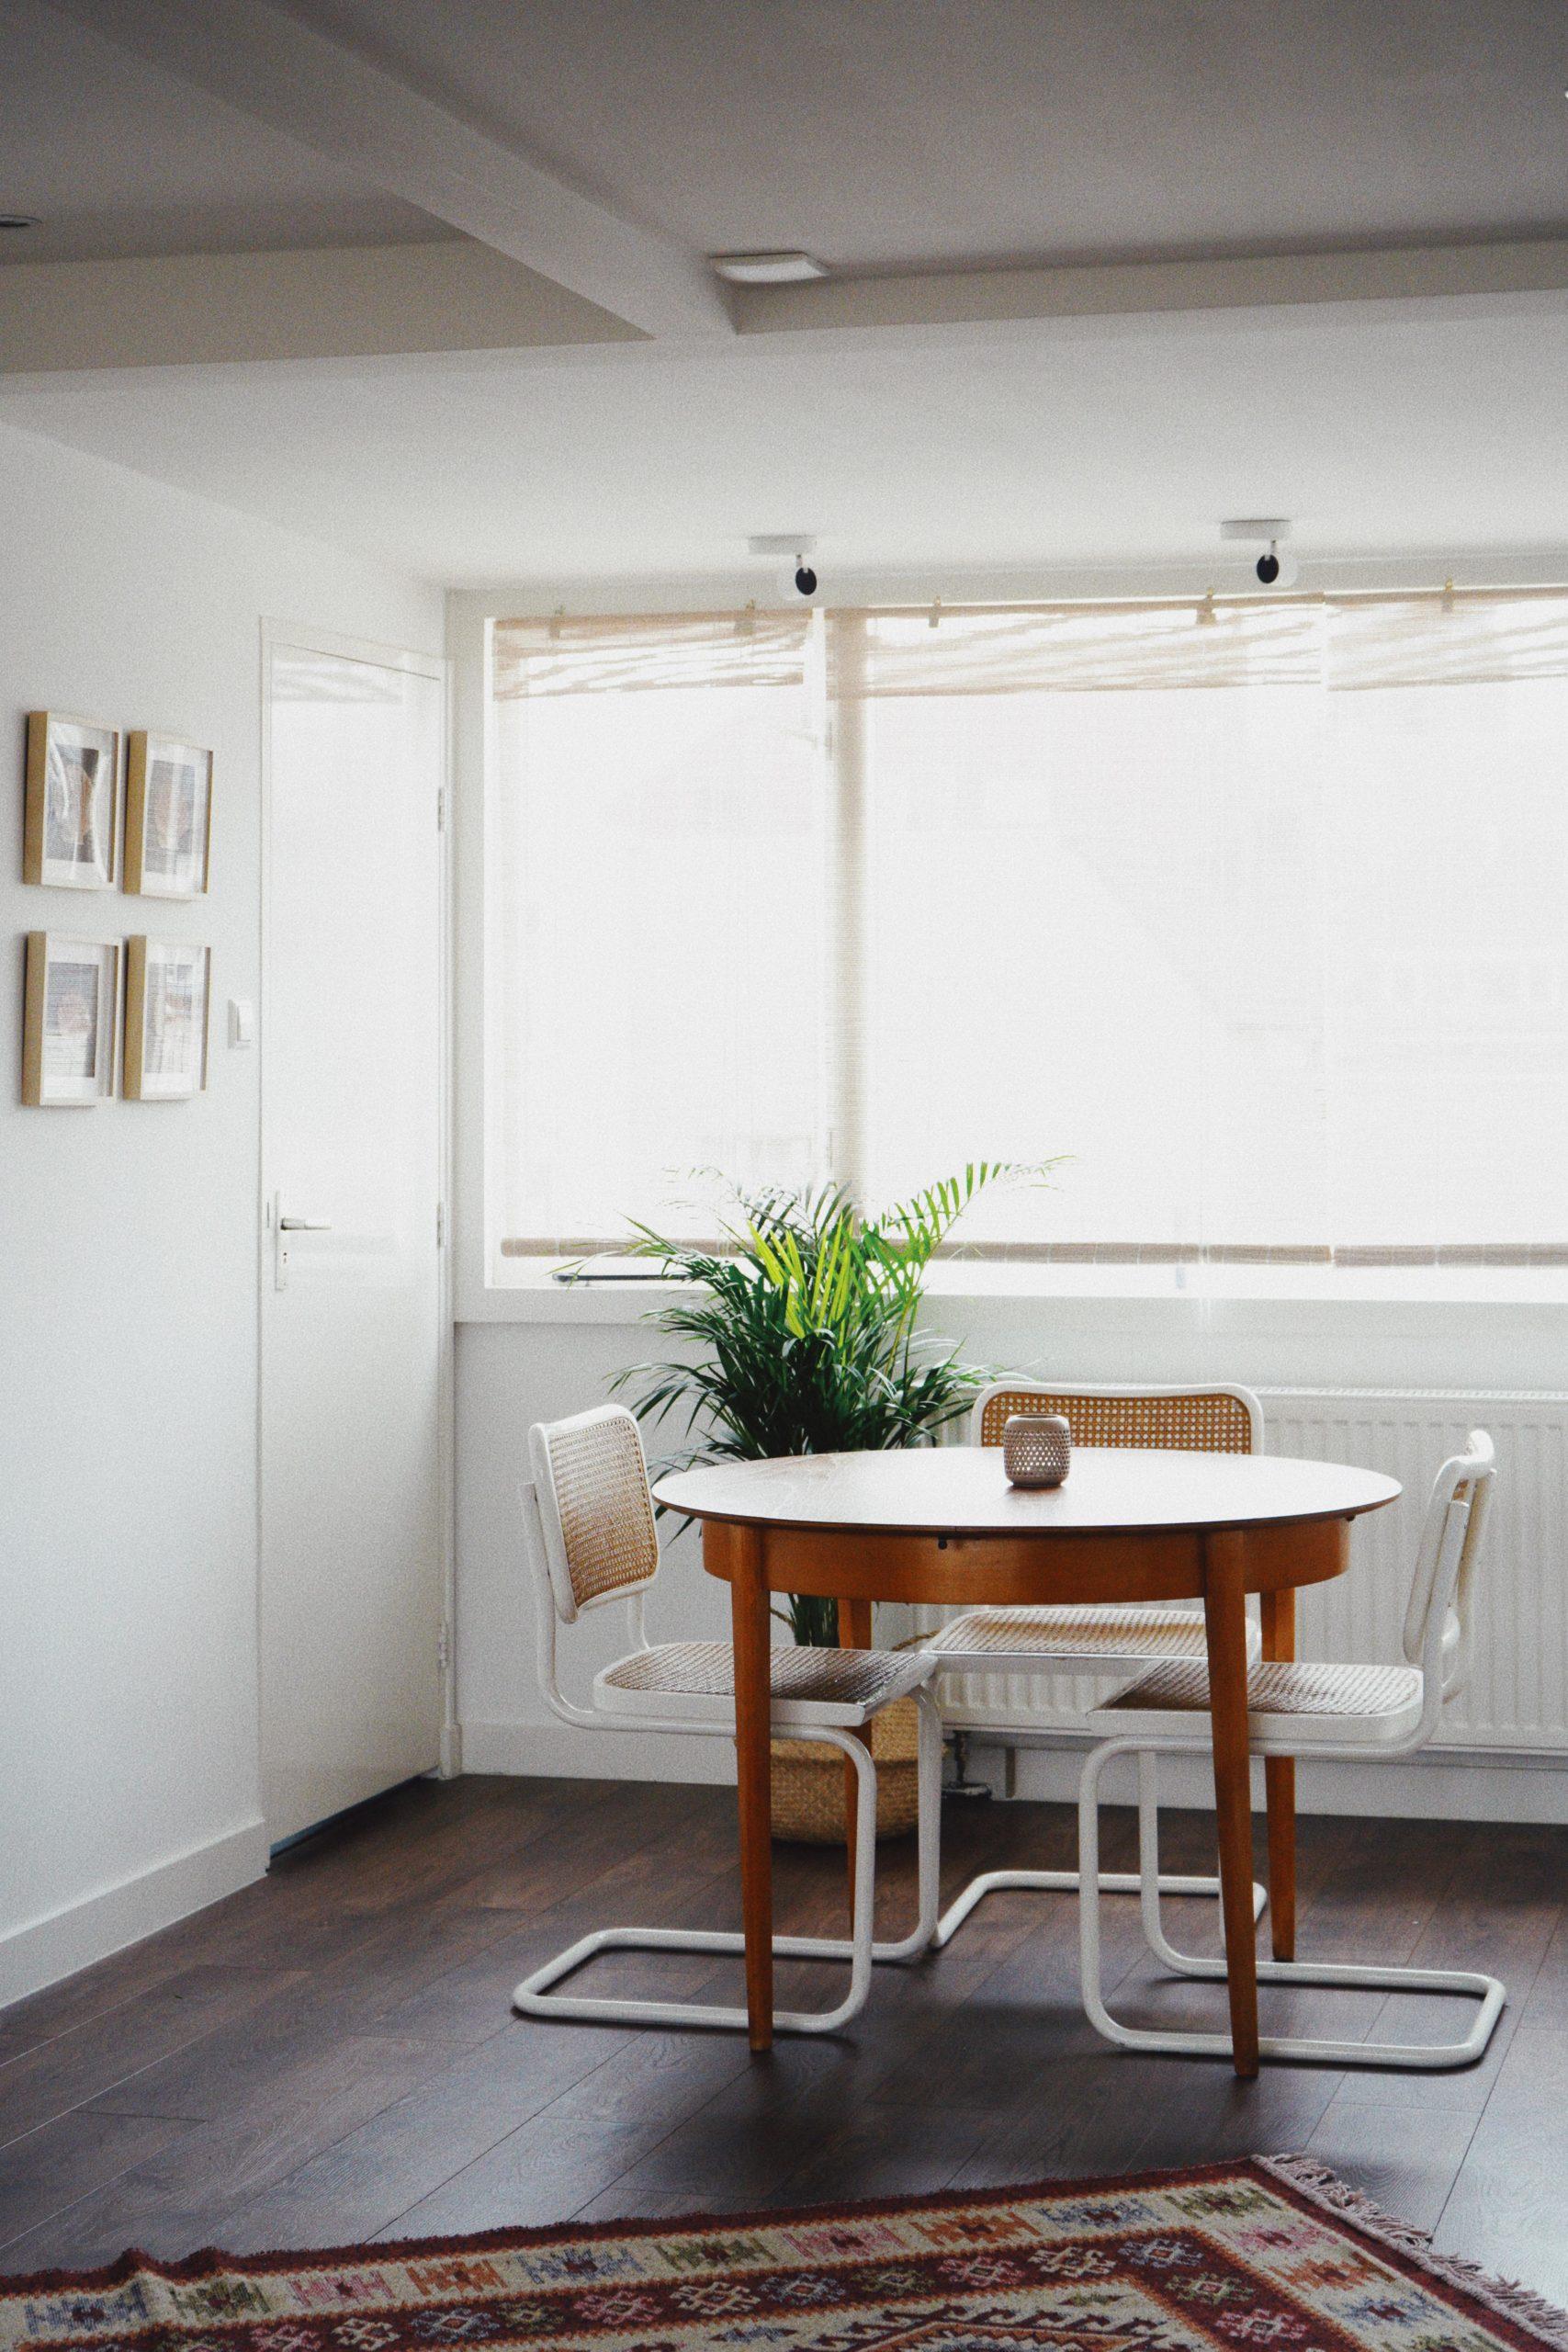 holztisch mit Stühlen und pflanze vor Fenster